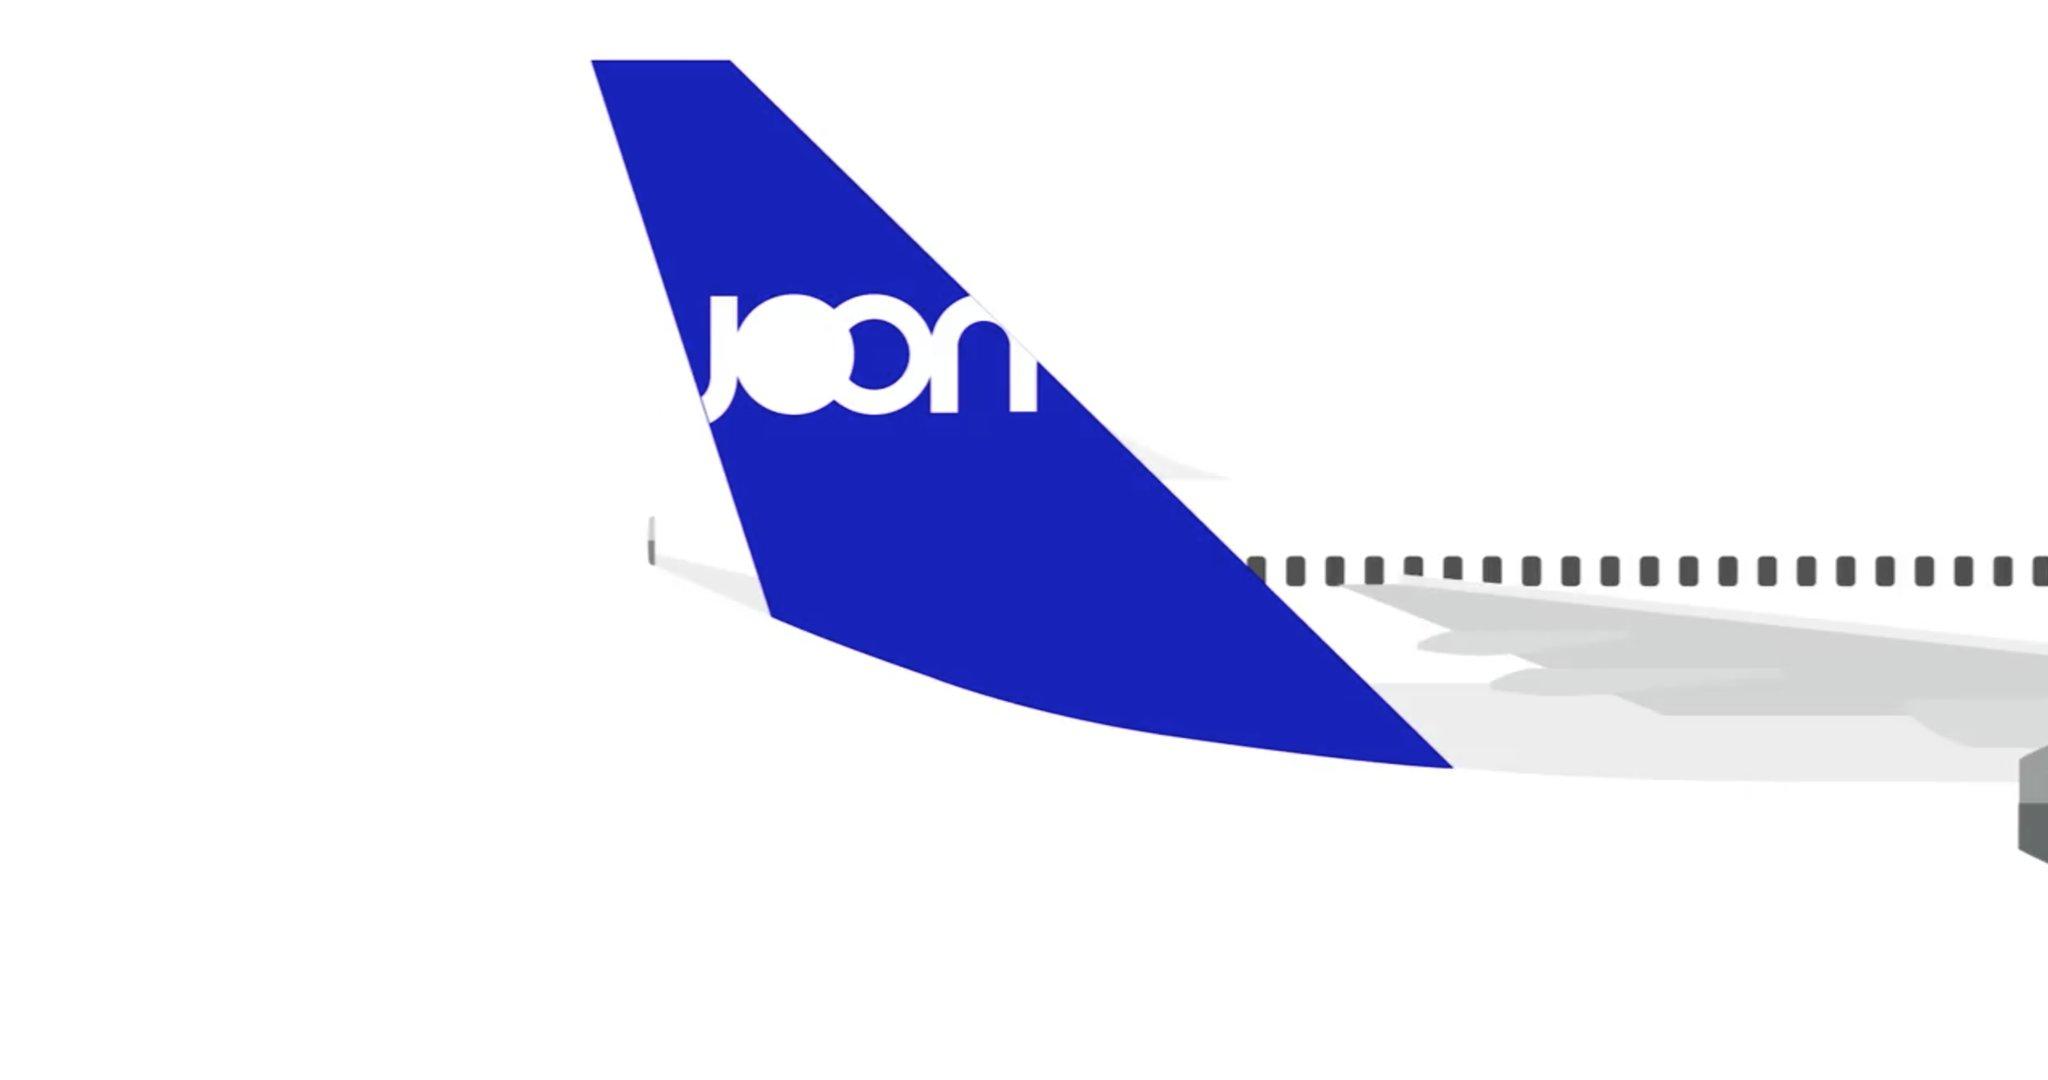 Air France'tan Gençlere Yönelik Butik Hava Yolu Şirketi: Joon